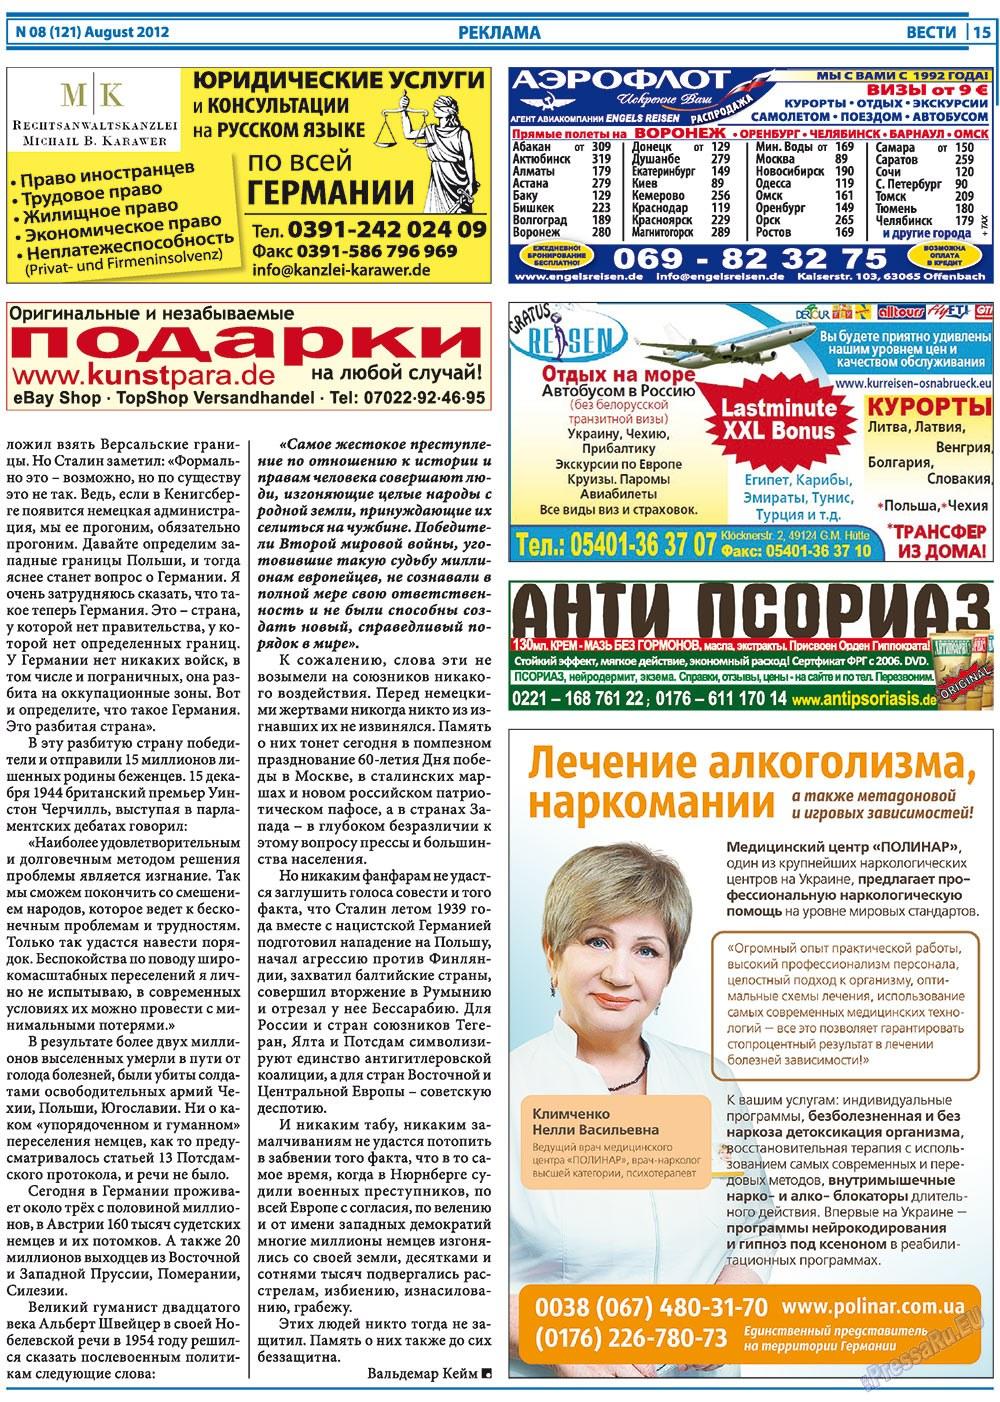 Венгерская схема лечения псориаза